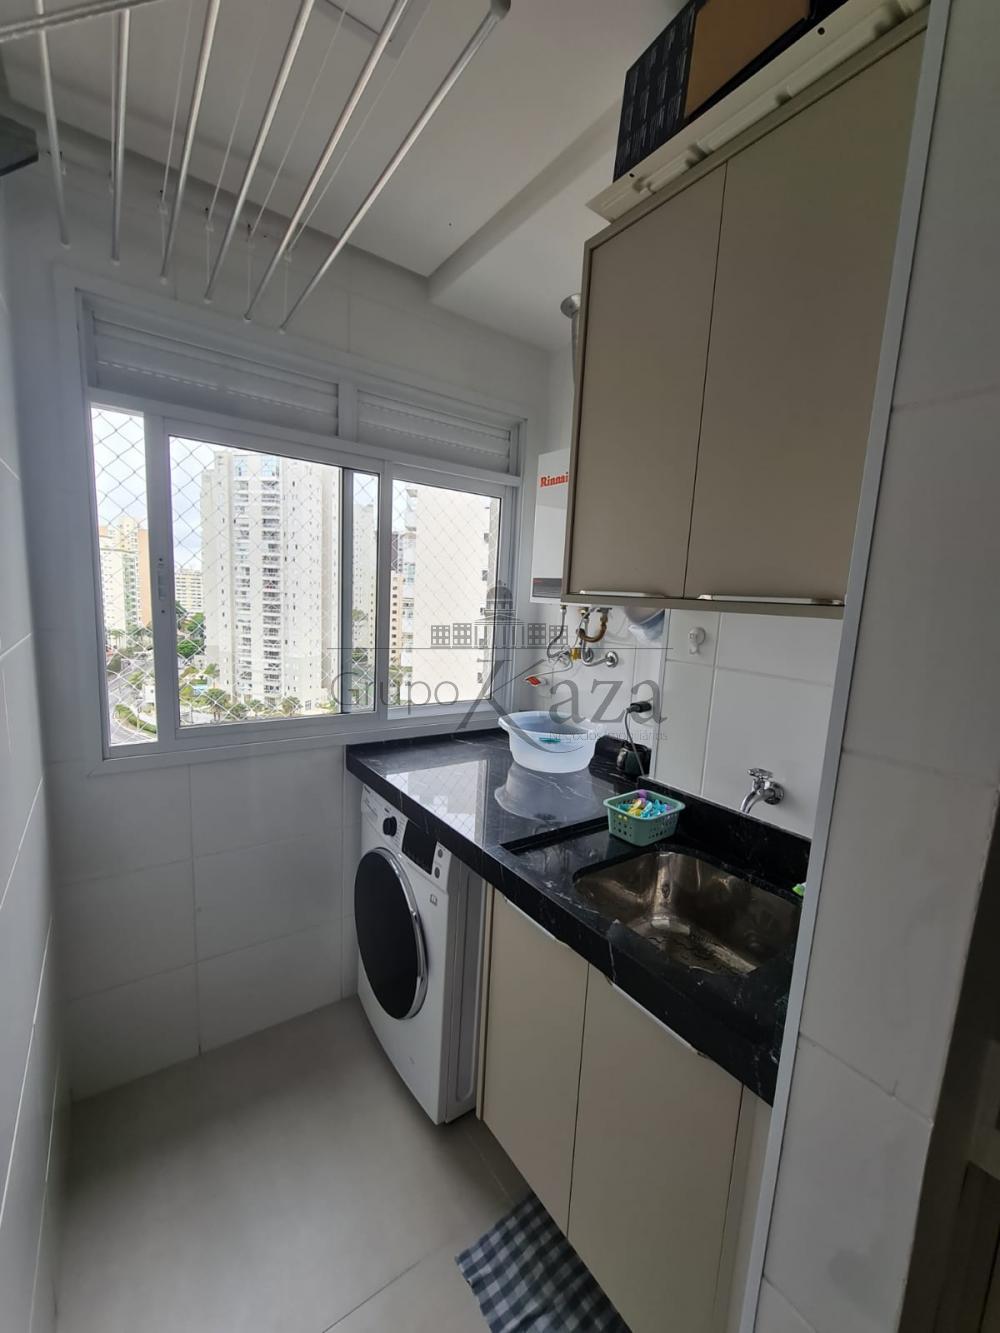 alt='Alugar Apartamento / Padrão em São José dos Campos R$ 3.300,00 - Foto 10' title='Alugar Apartamento / Padrão em São José dos Campos R$ 3.300,00 - Foto 10'